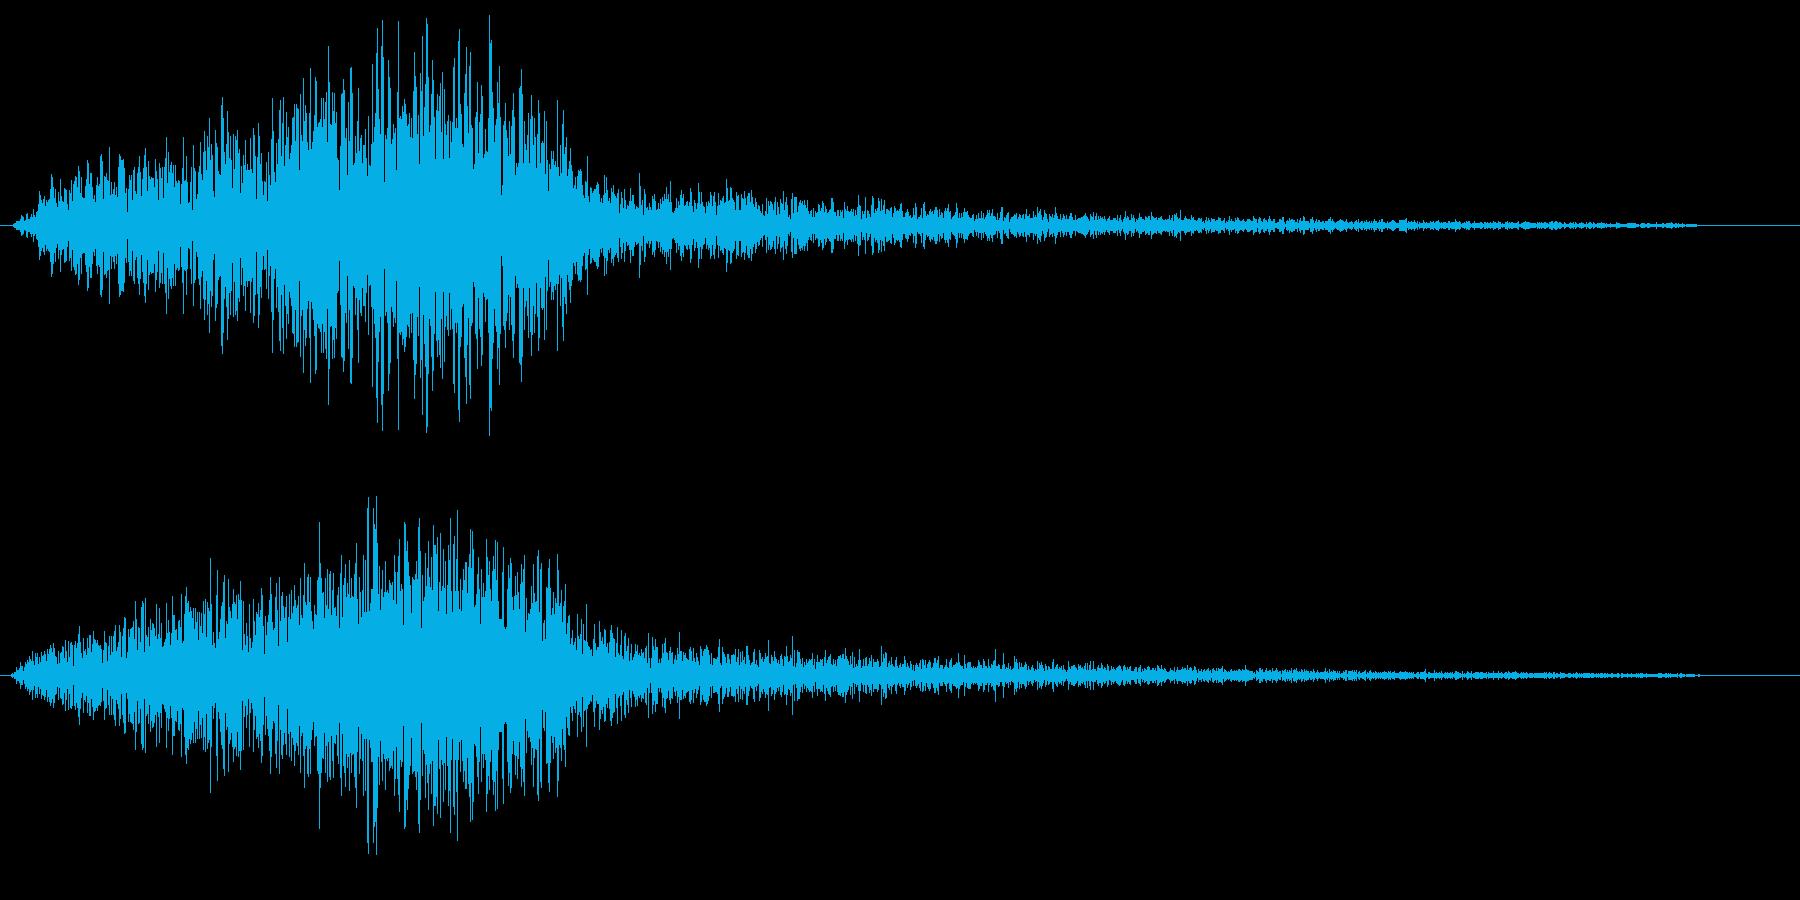 シュワー(圧縮空気が勢いよく出る音)の再生済みの波形